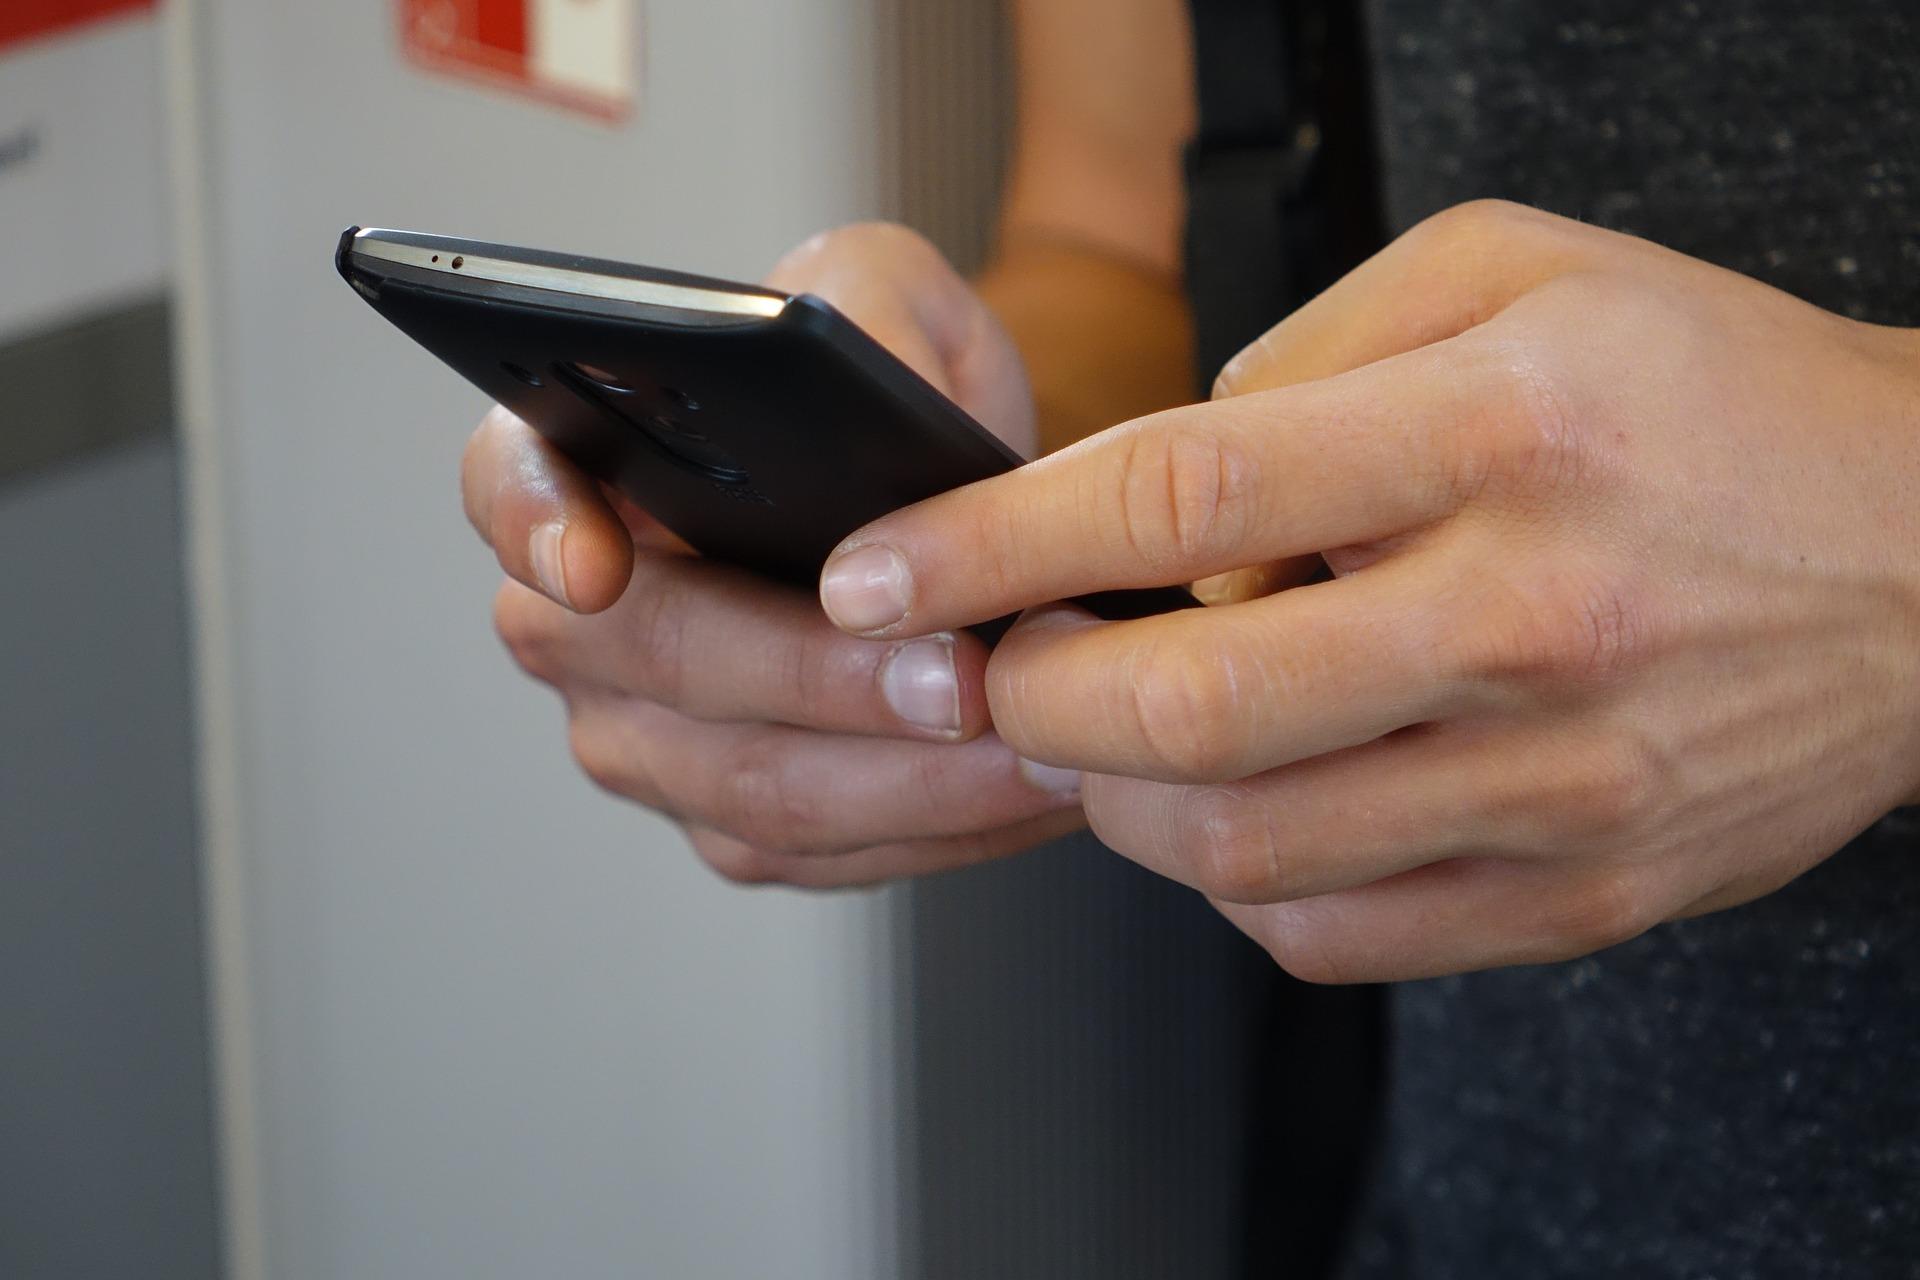 Приложение «Госуслуги» обогнало Telegram и WhatsApp и возглавило топ российского App Store